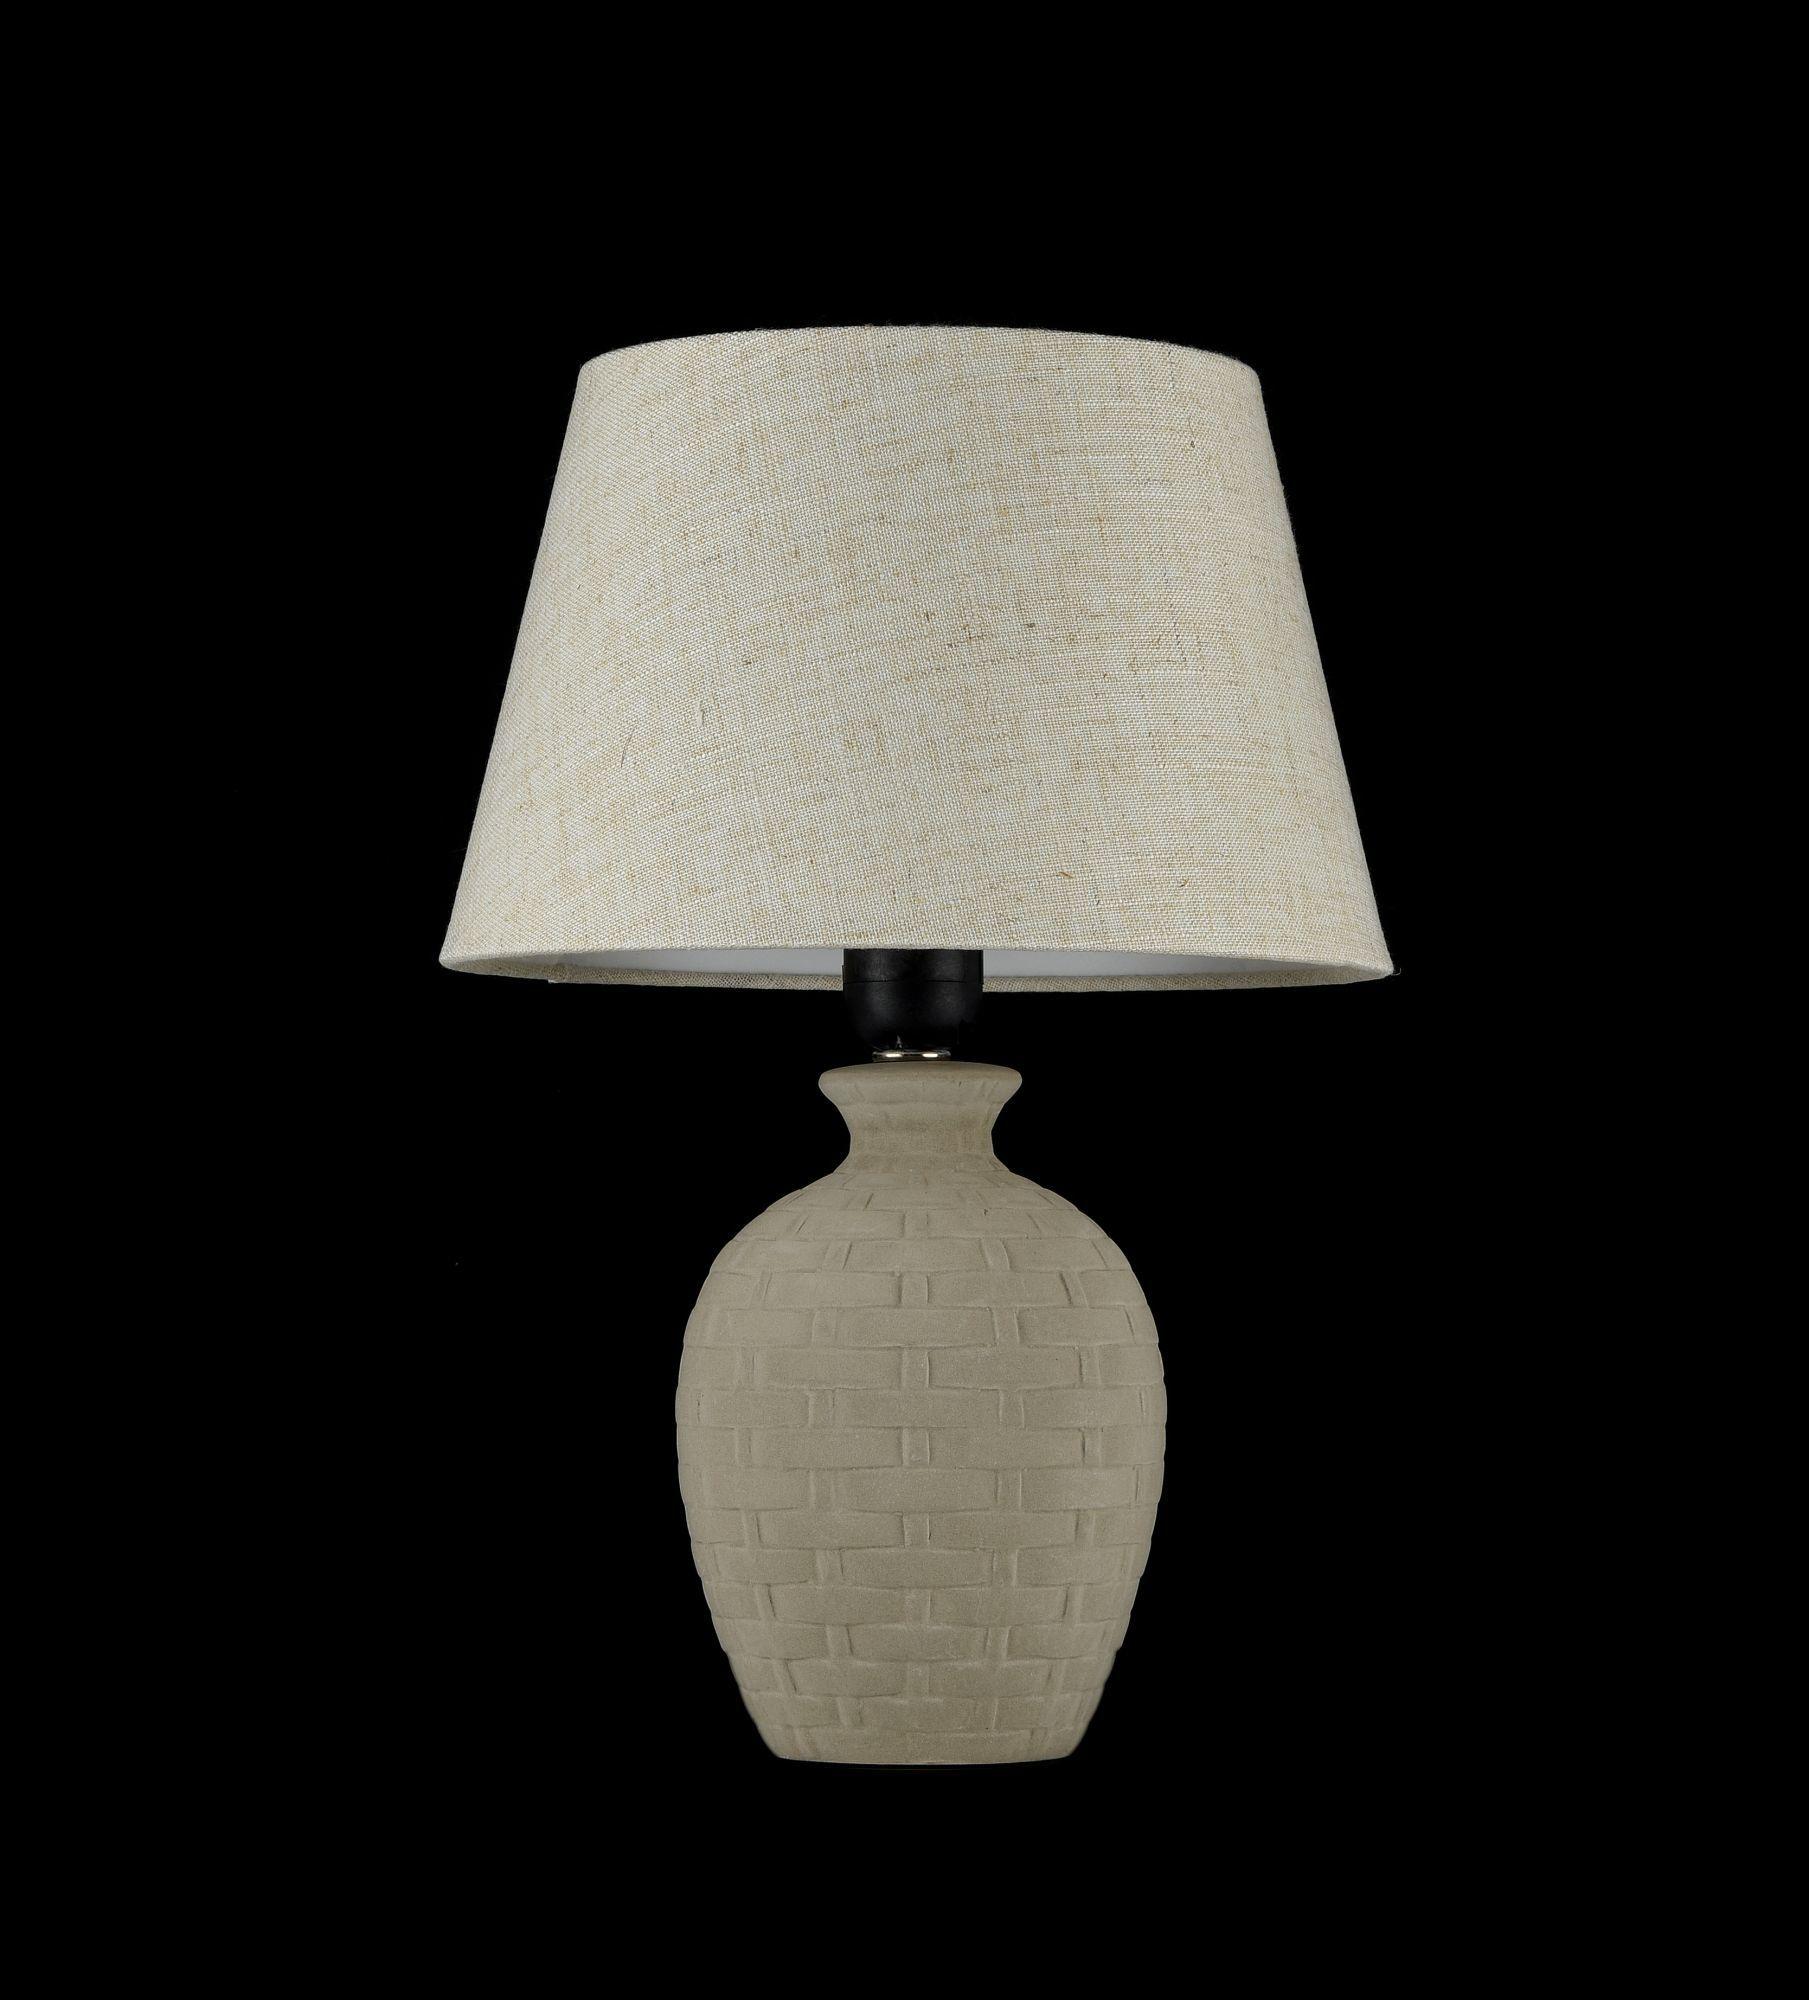 Настольная лампа Maytoni Adeline Z003-TL-01-W (mod003-11-w), 1xE27x60W, бежевый, керамика, текстиль - фото 2